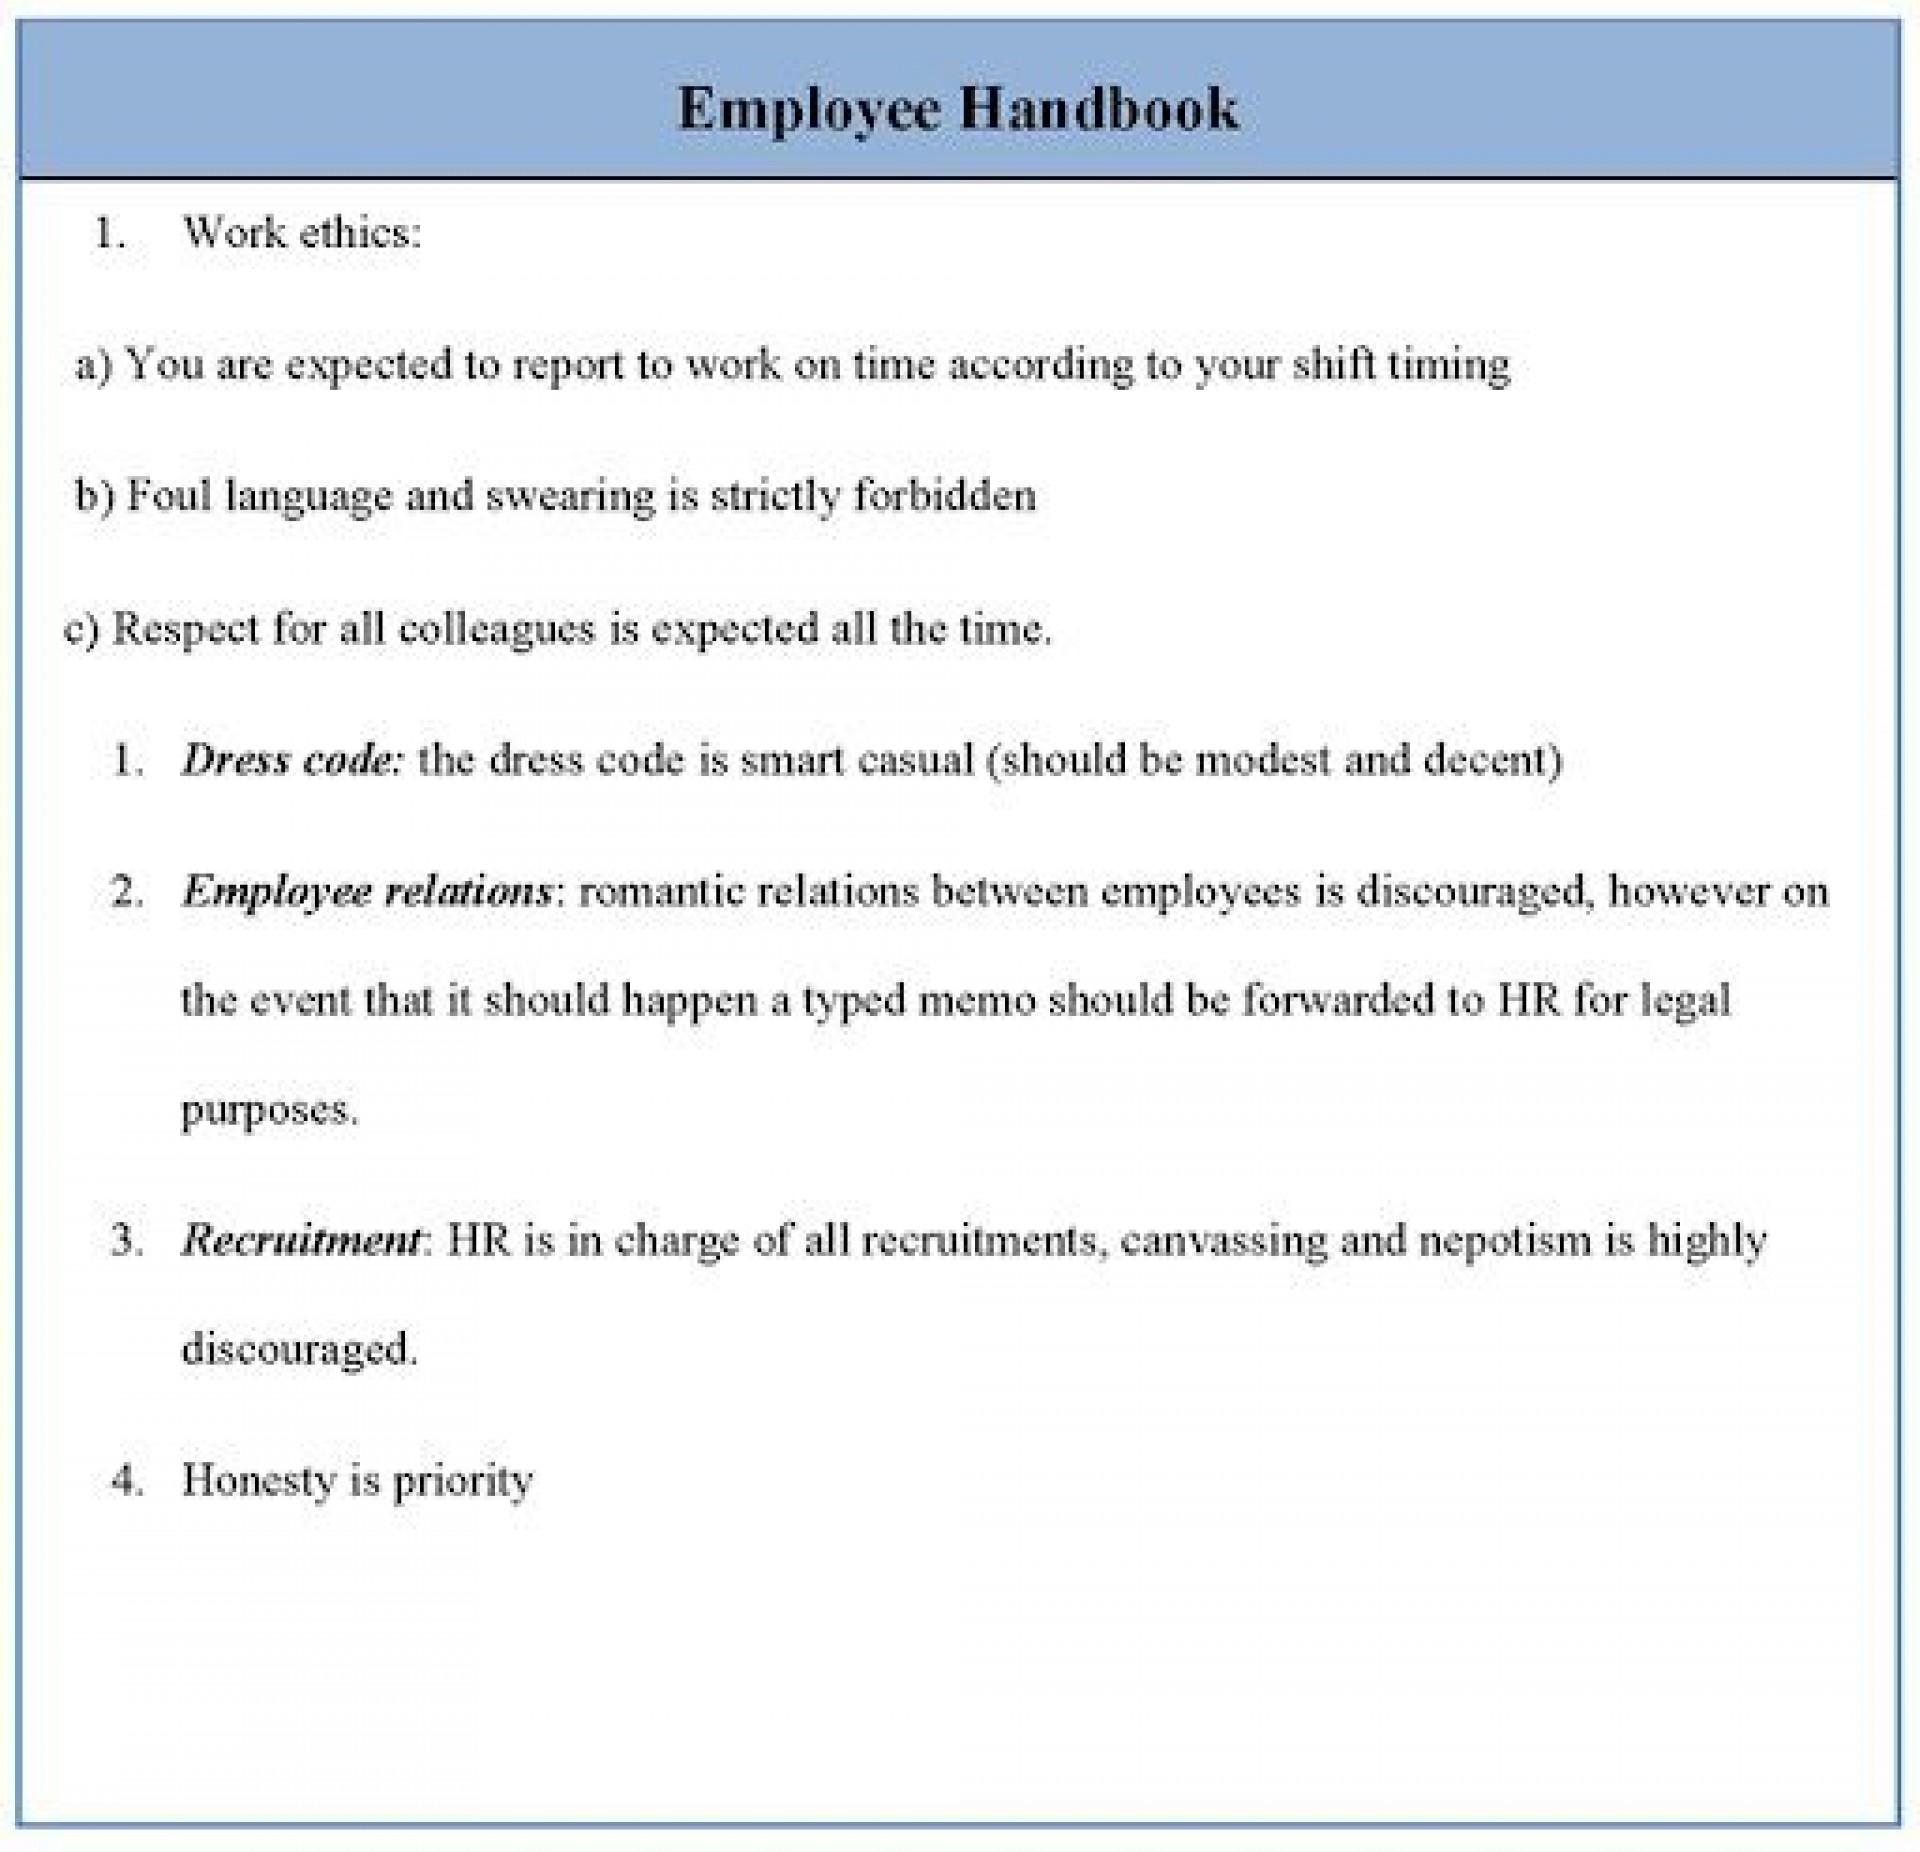 009 Archaicawful Free Employment Handbook Template Idea 1920